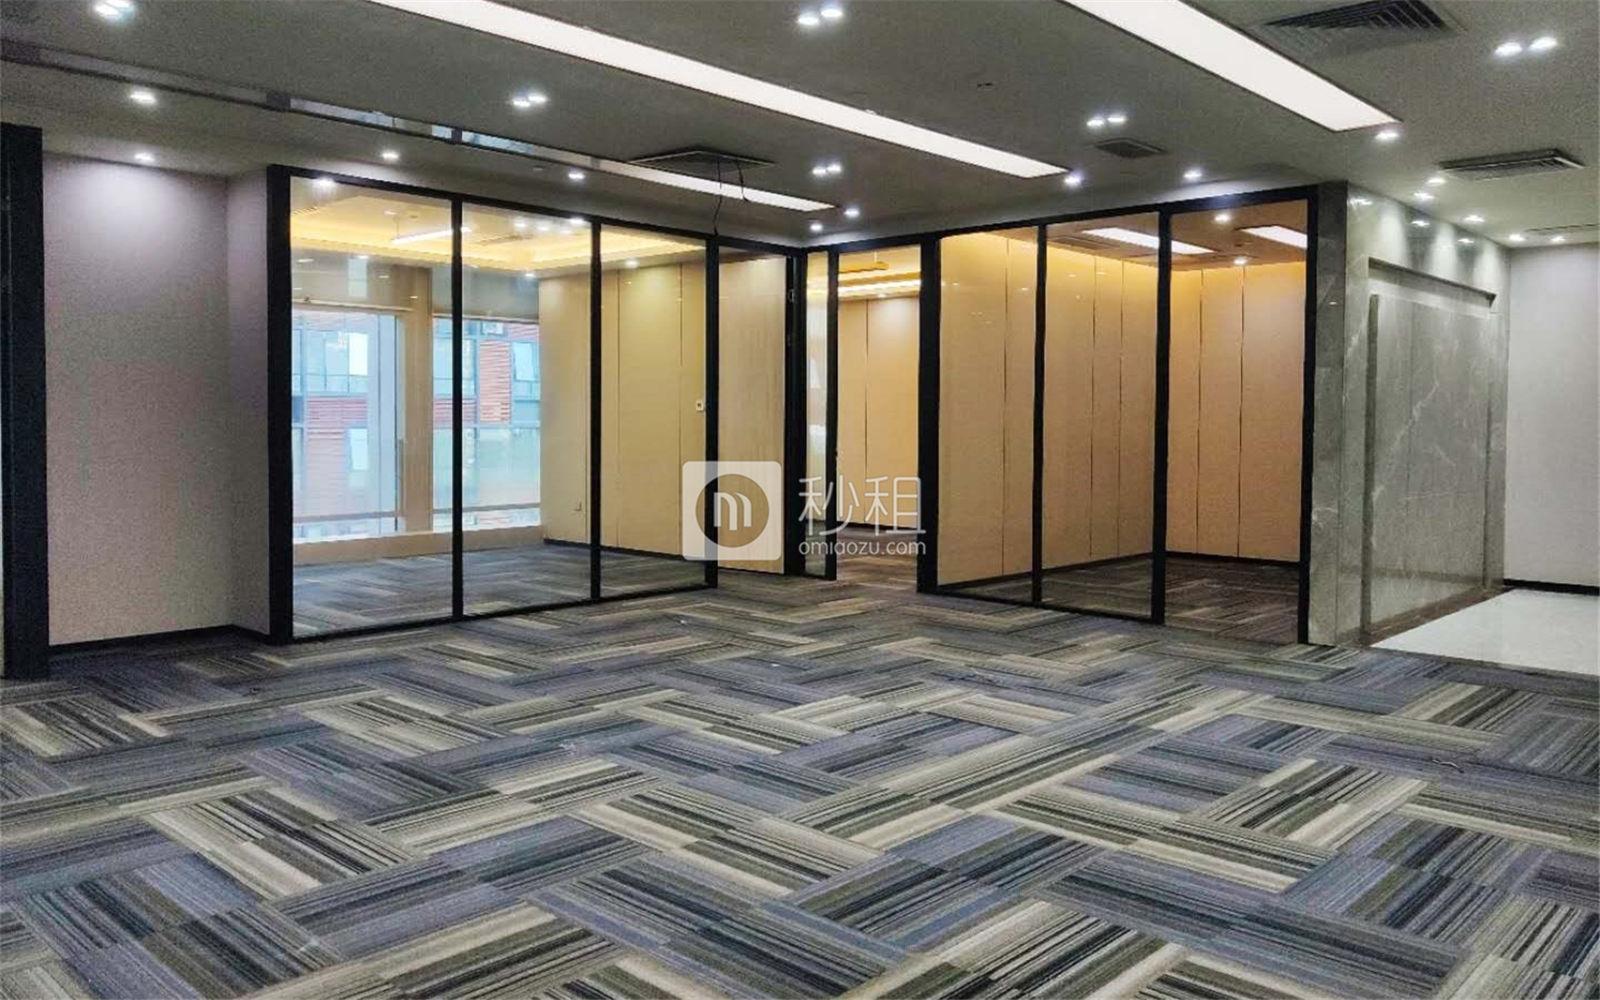 天河-珠江新城 珠控国际中心-珠控商务大厦 278m²